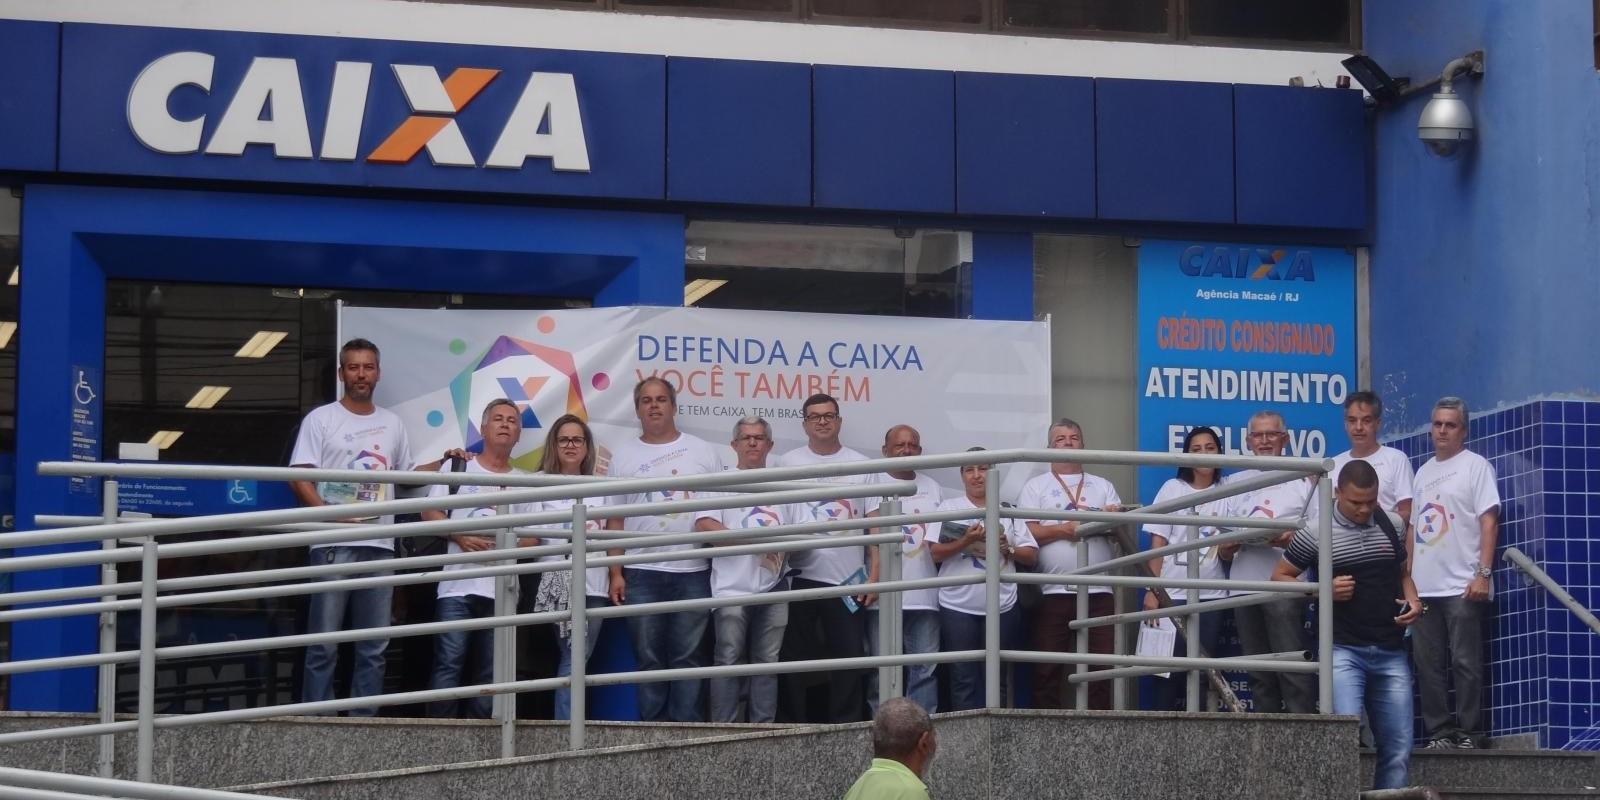 Trabalhadores defendem a soberania em ato no Rio e o SEEB Macaé se fez presente.